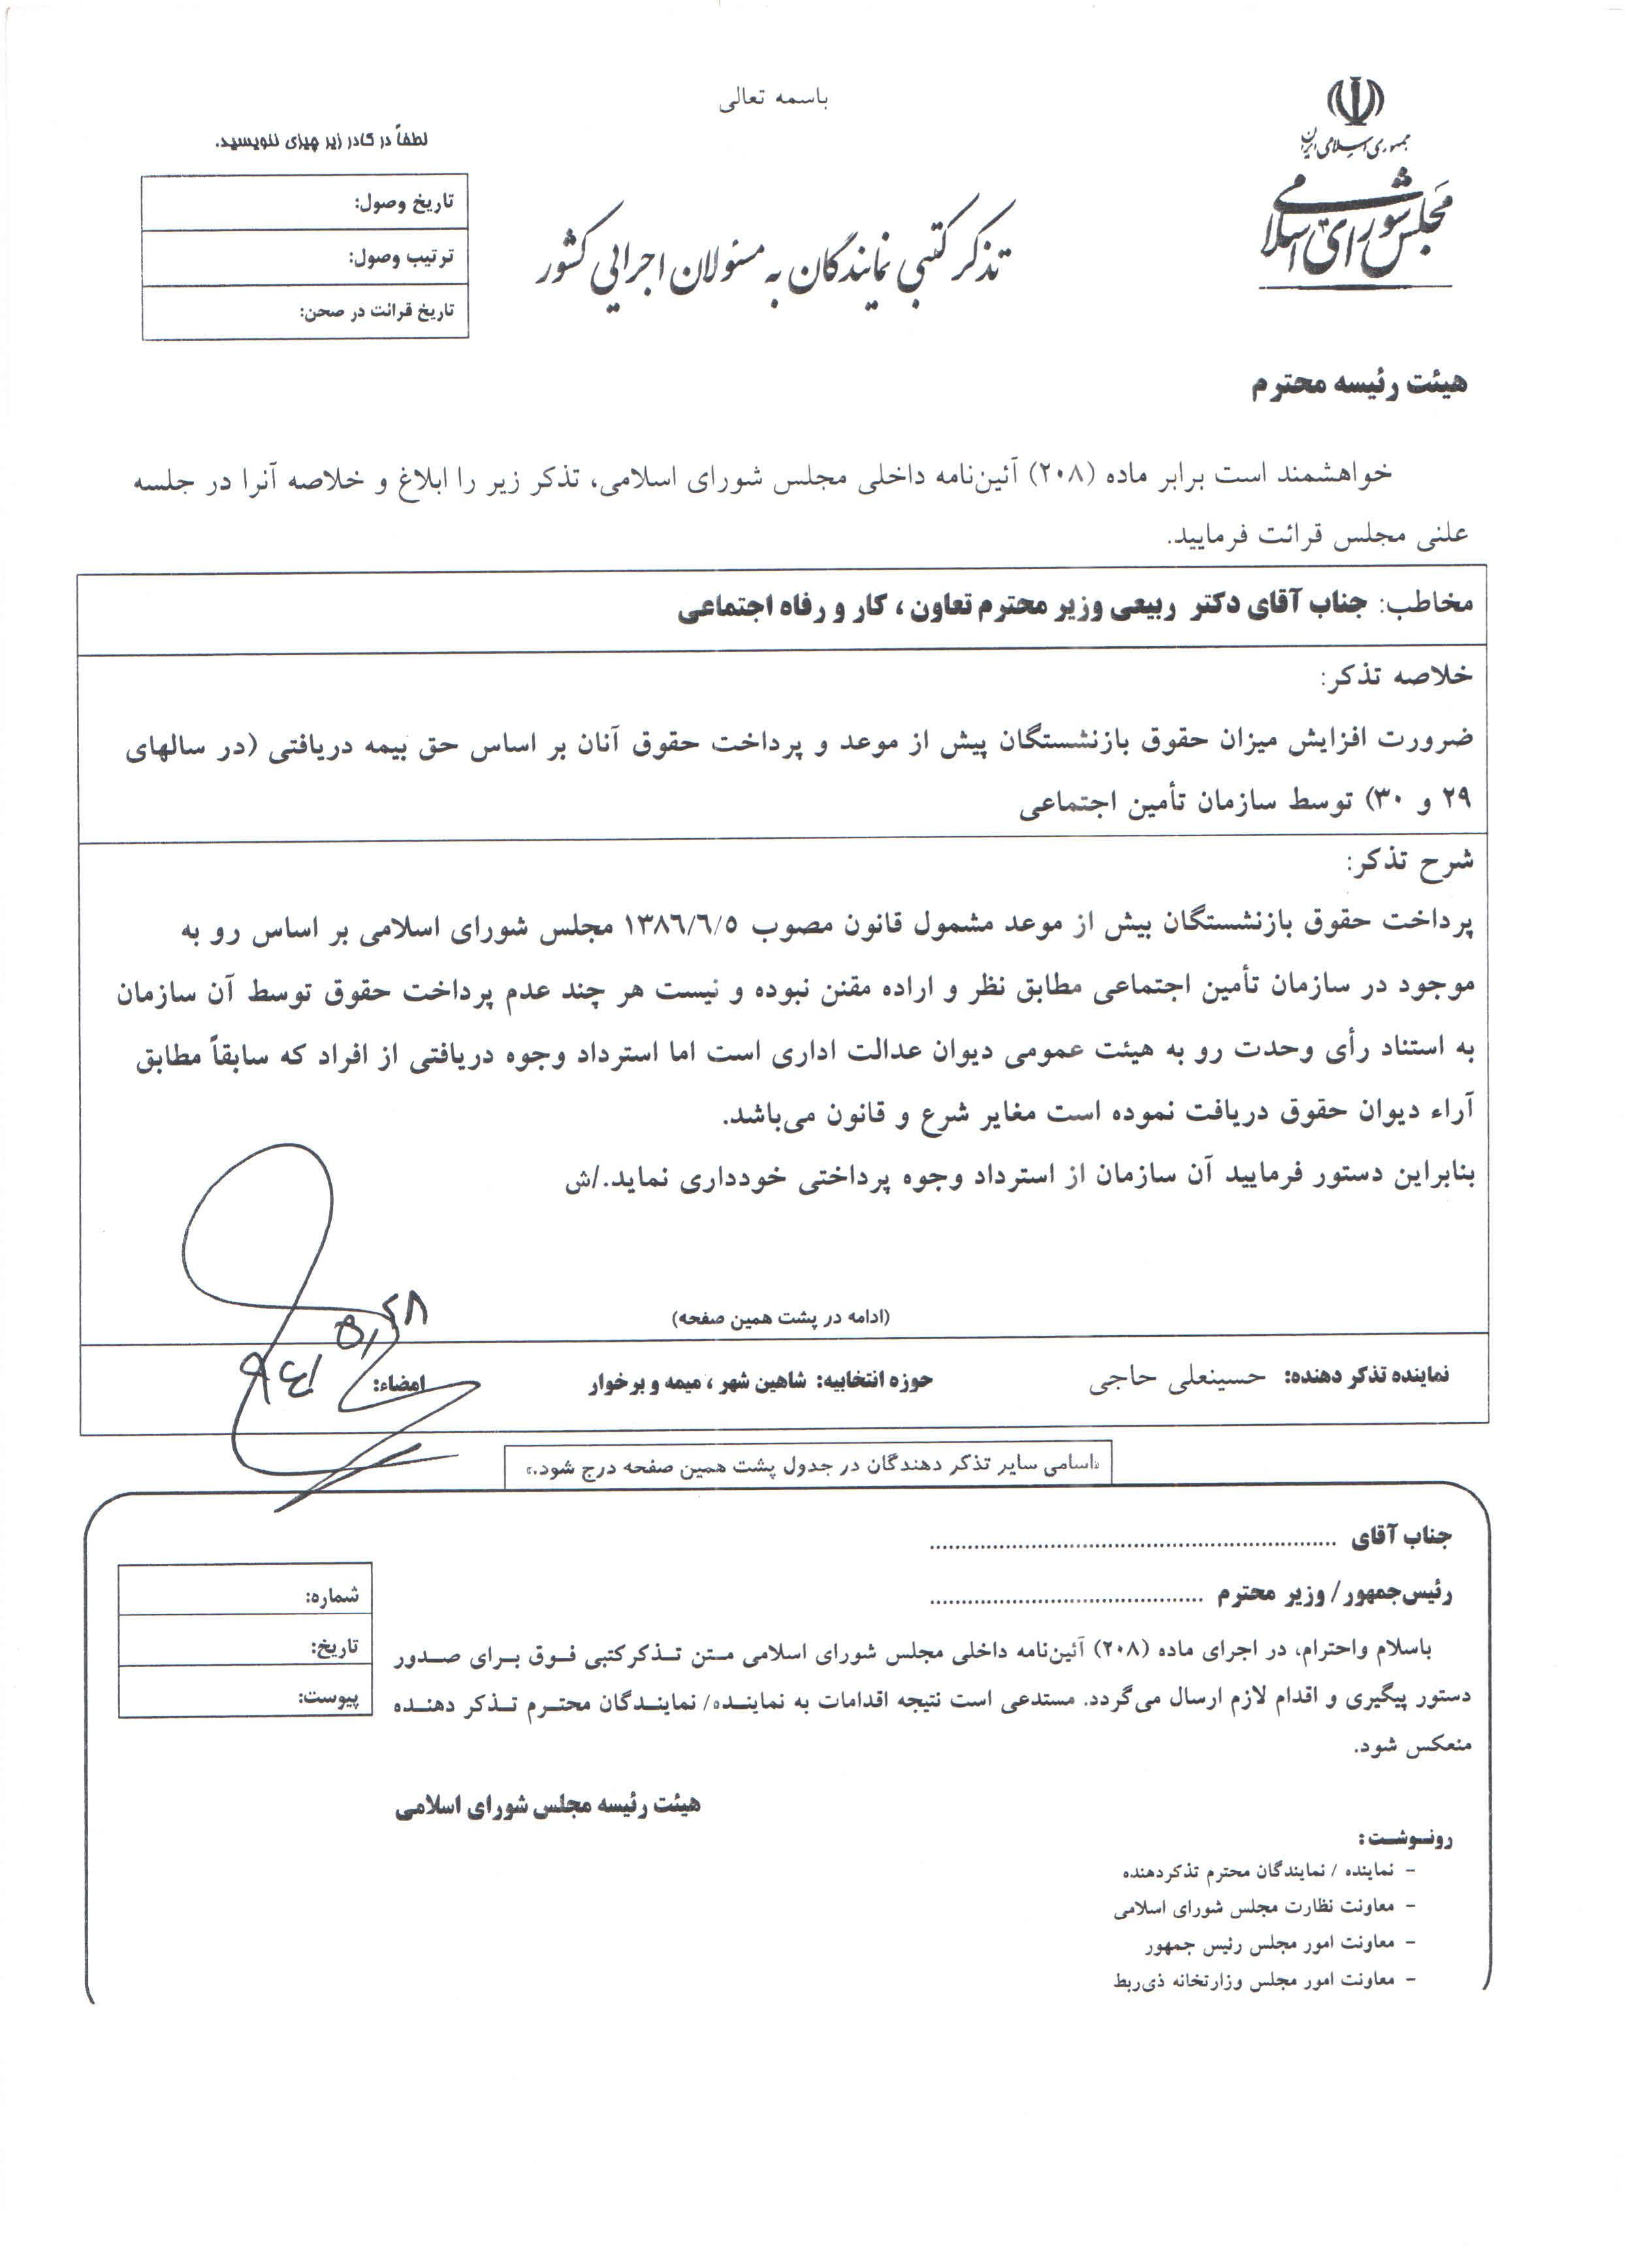 تذکر کتبی آقای حاجی به وزیر محترم تعاون، کار و رفاه اجتماعی